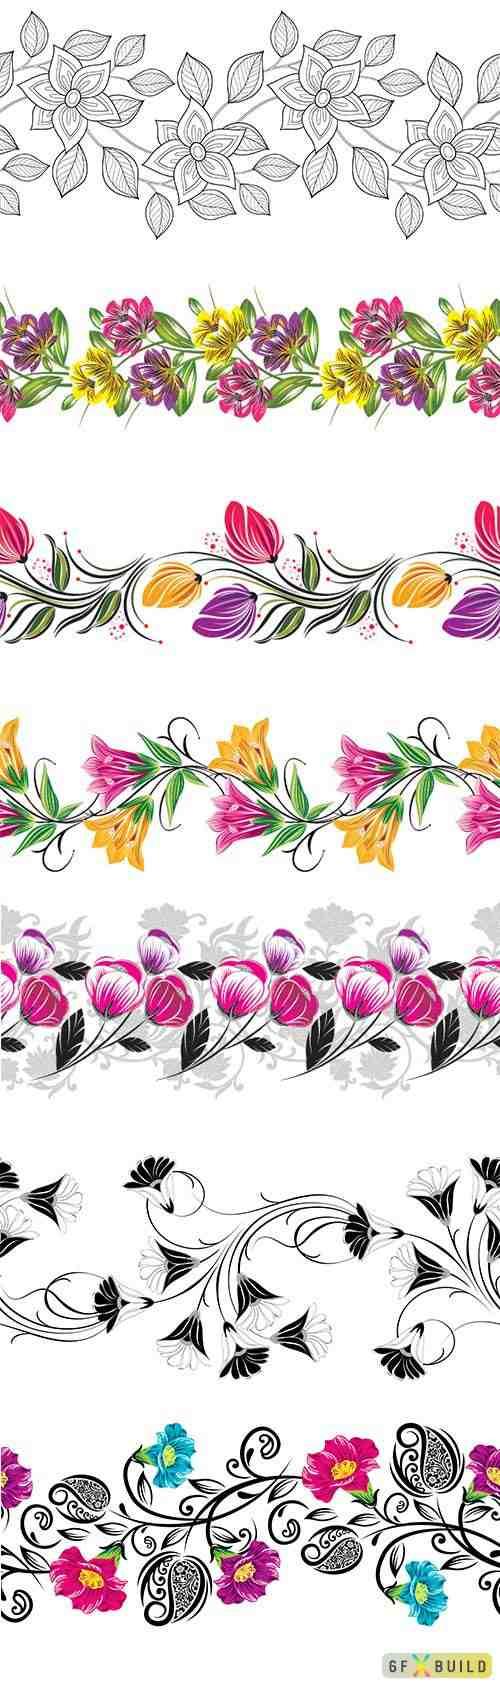 Seamless vintage floral border